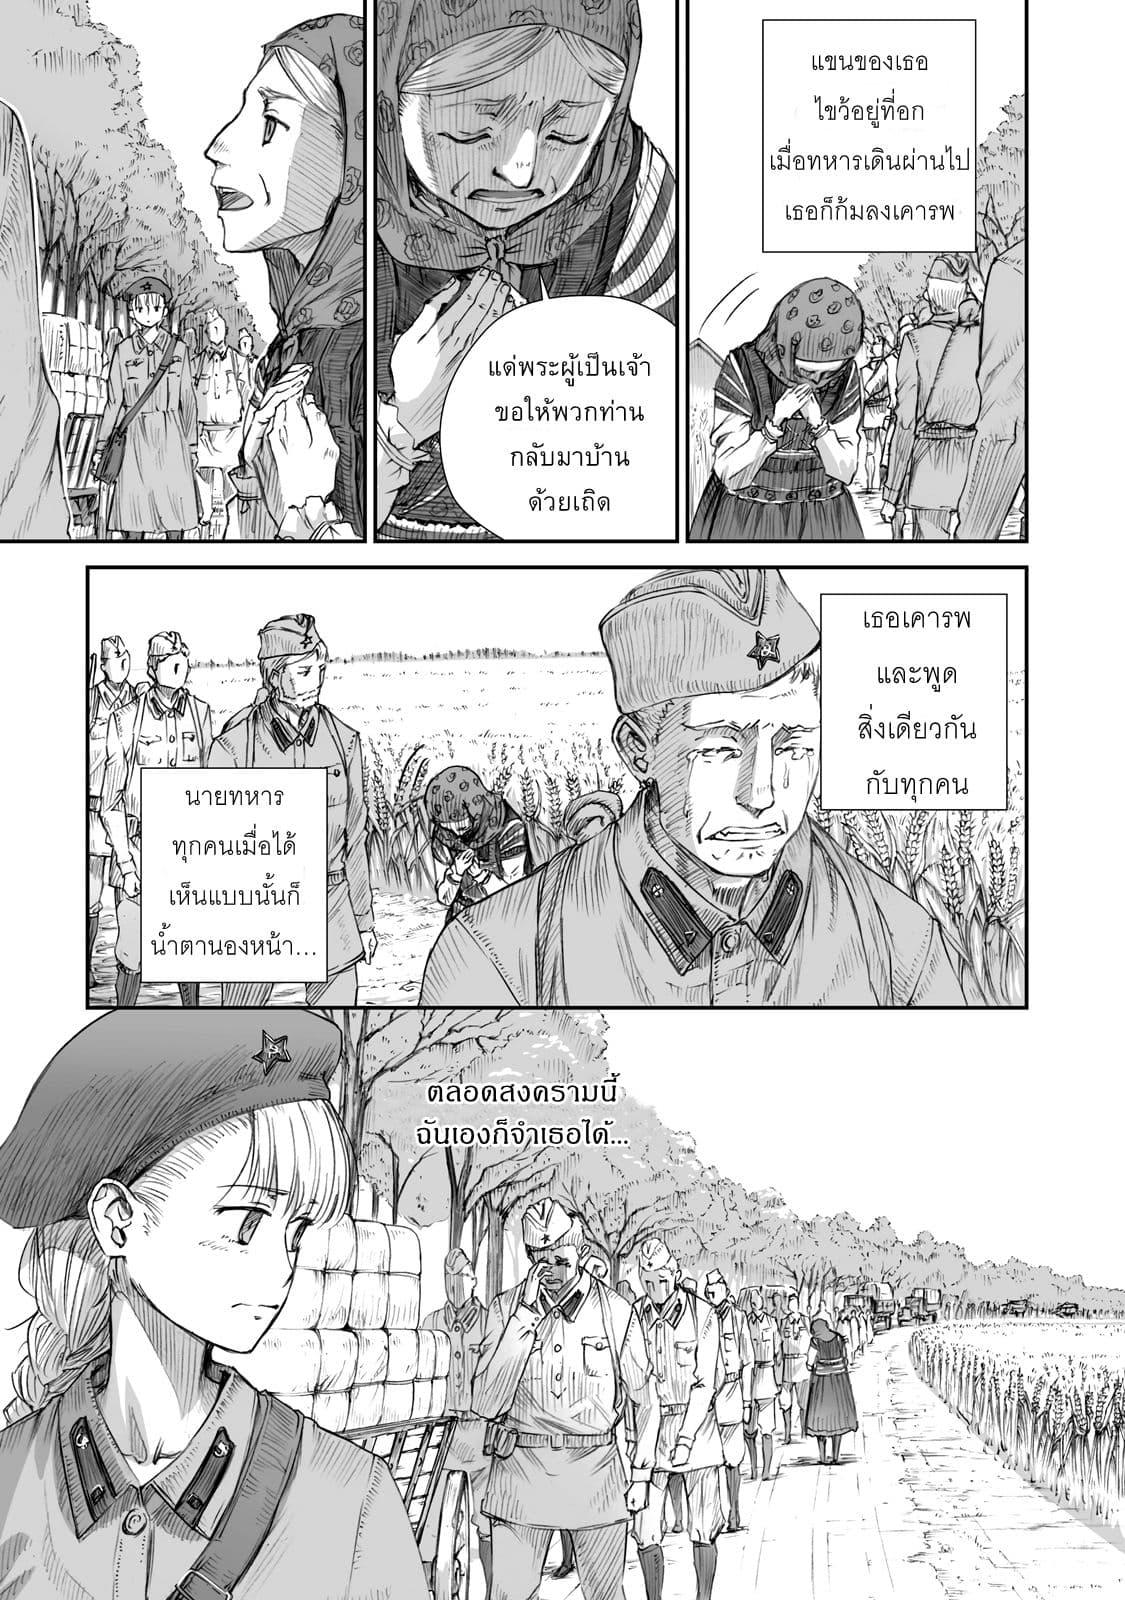 อ่านการ์ตูน Senso wa onna no kao o shite inai ตอนที่ 2 หน้าที่ 5